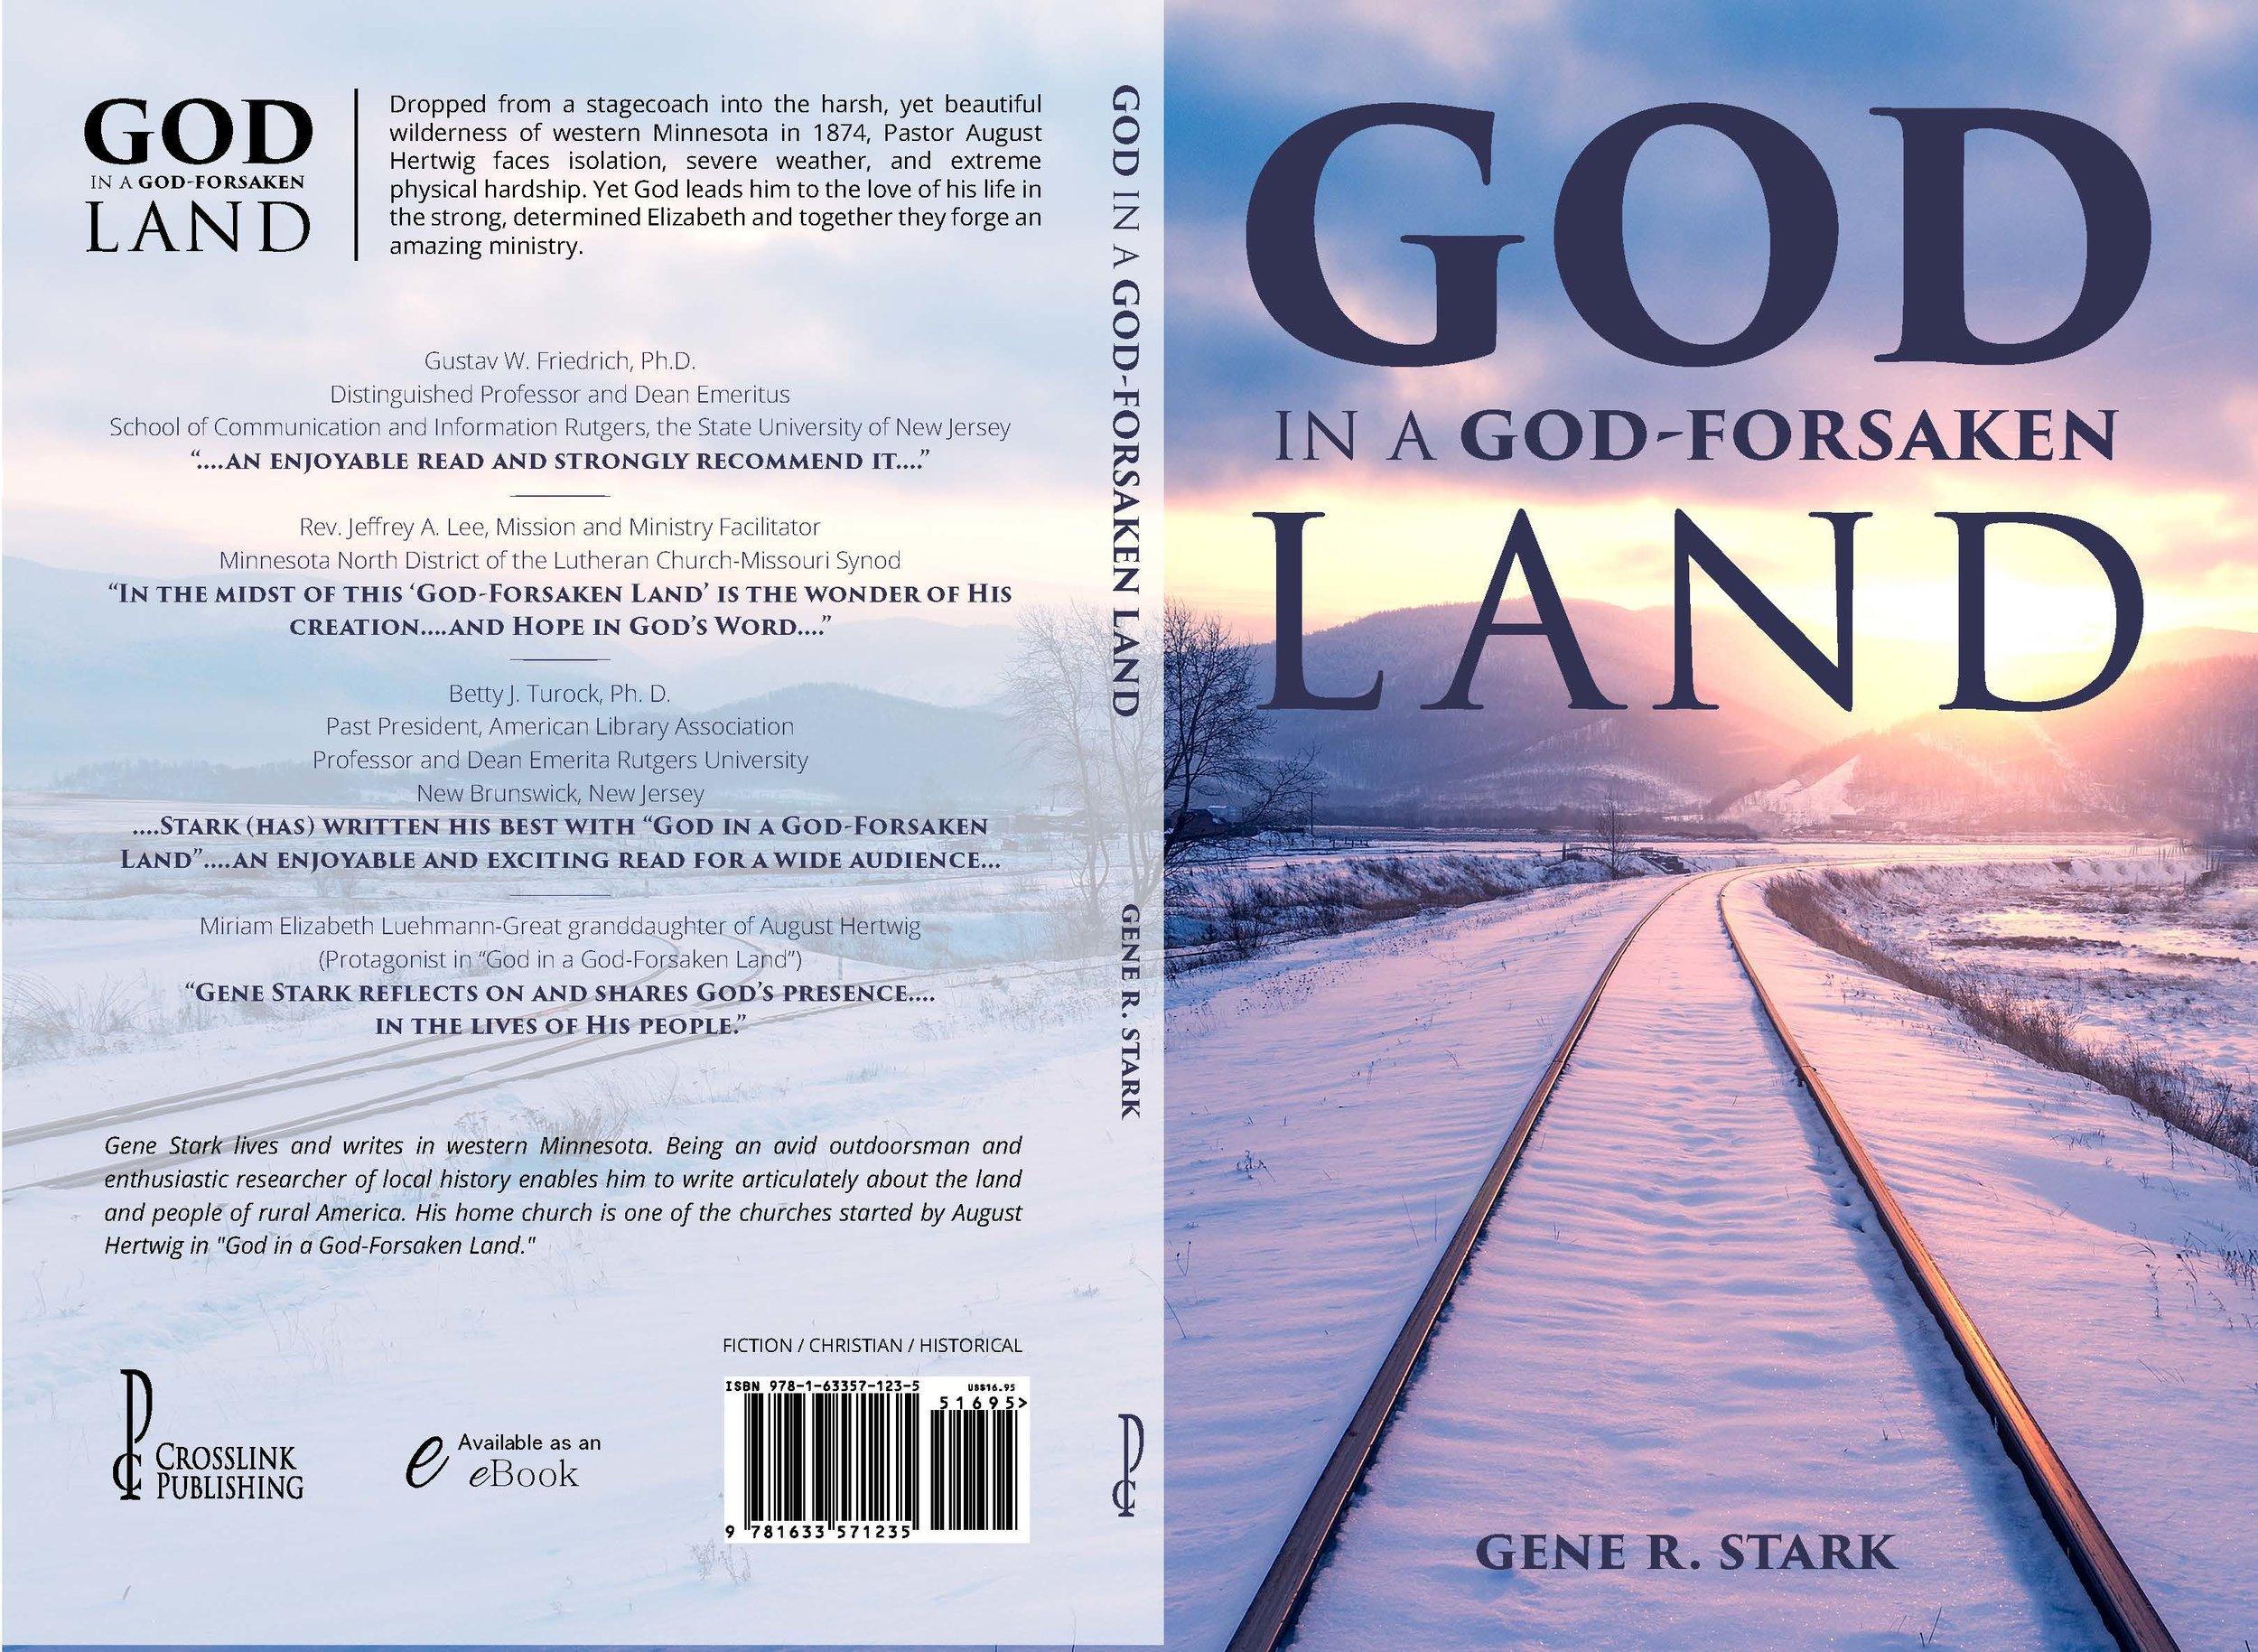 God In A God-Forsaken Land - Spread - Proof 2 (3).jpg